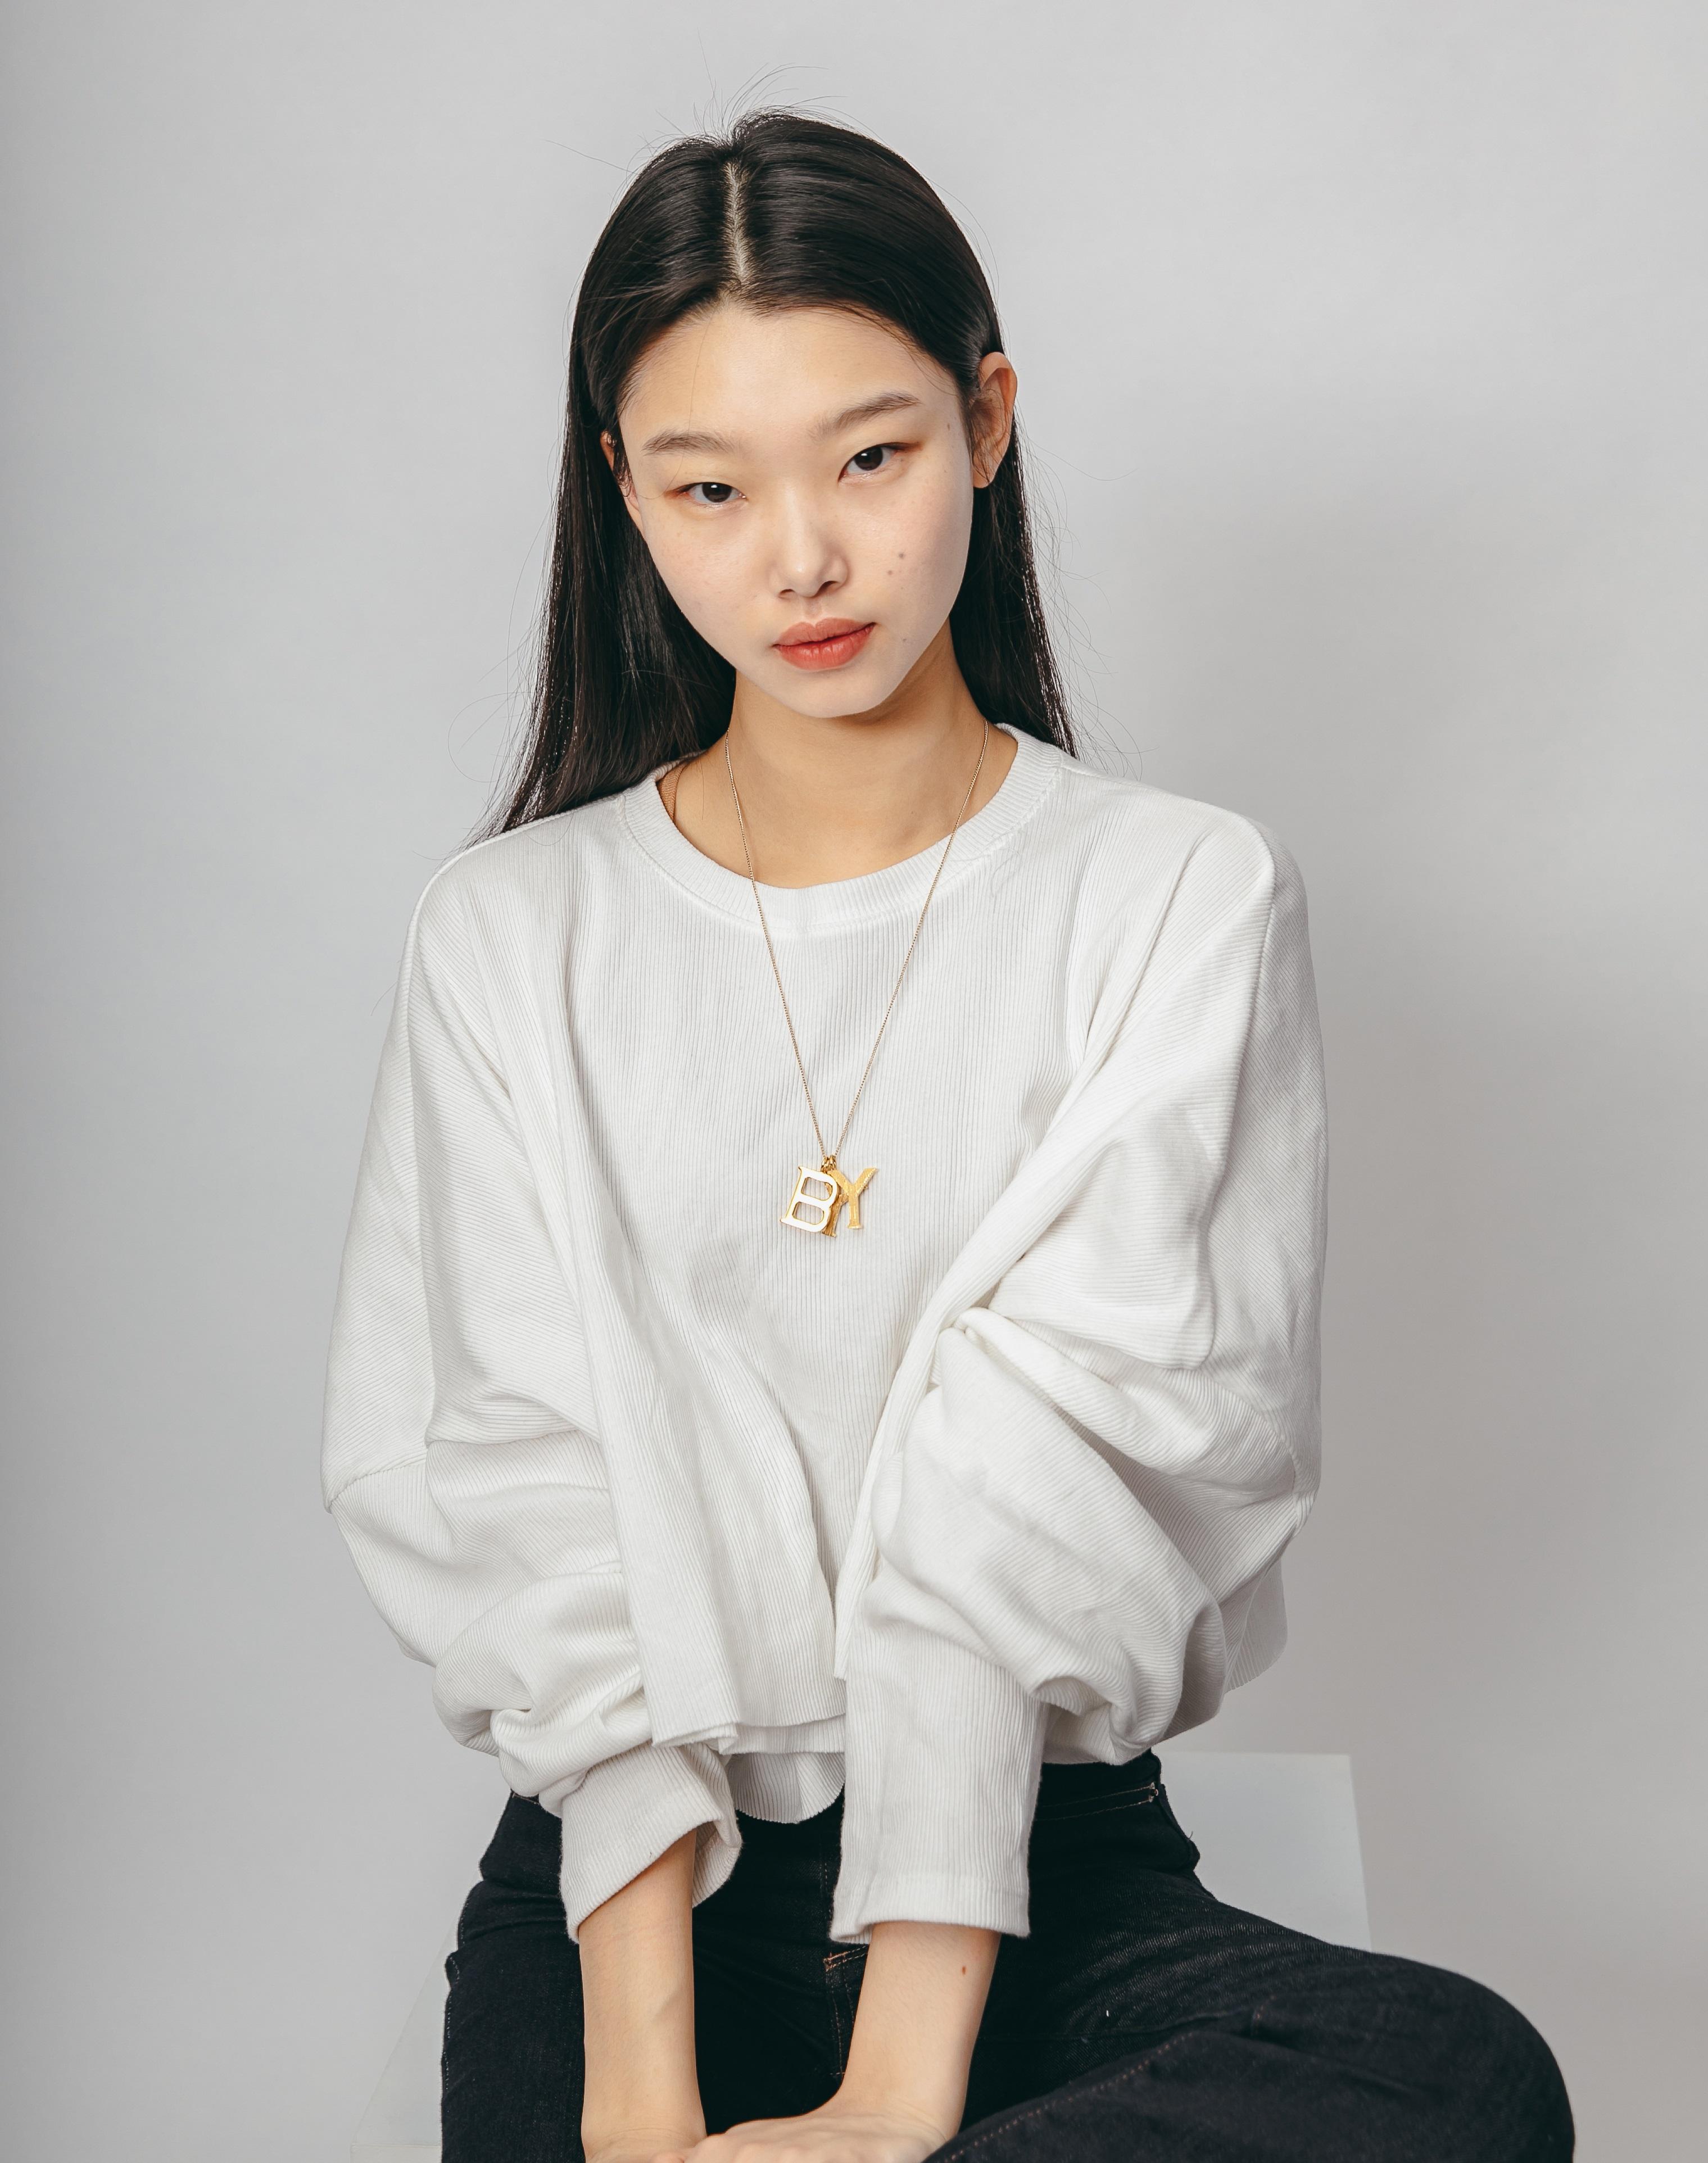 모델 배윤영, 모델스닷컴 톱50 선정 '승승장구'